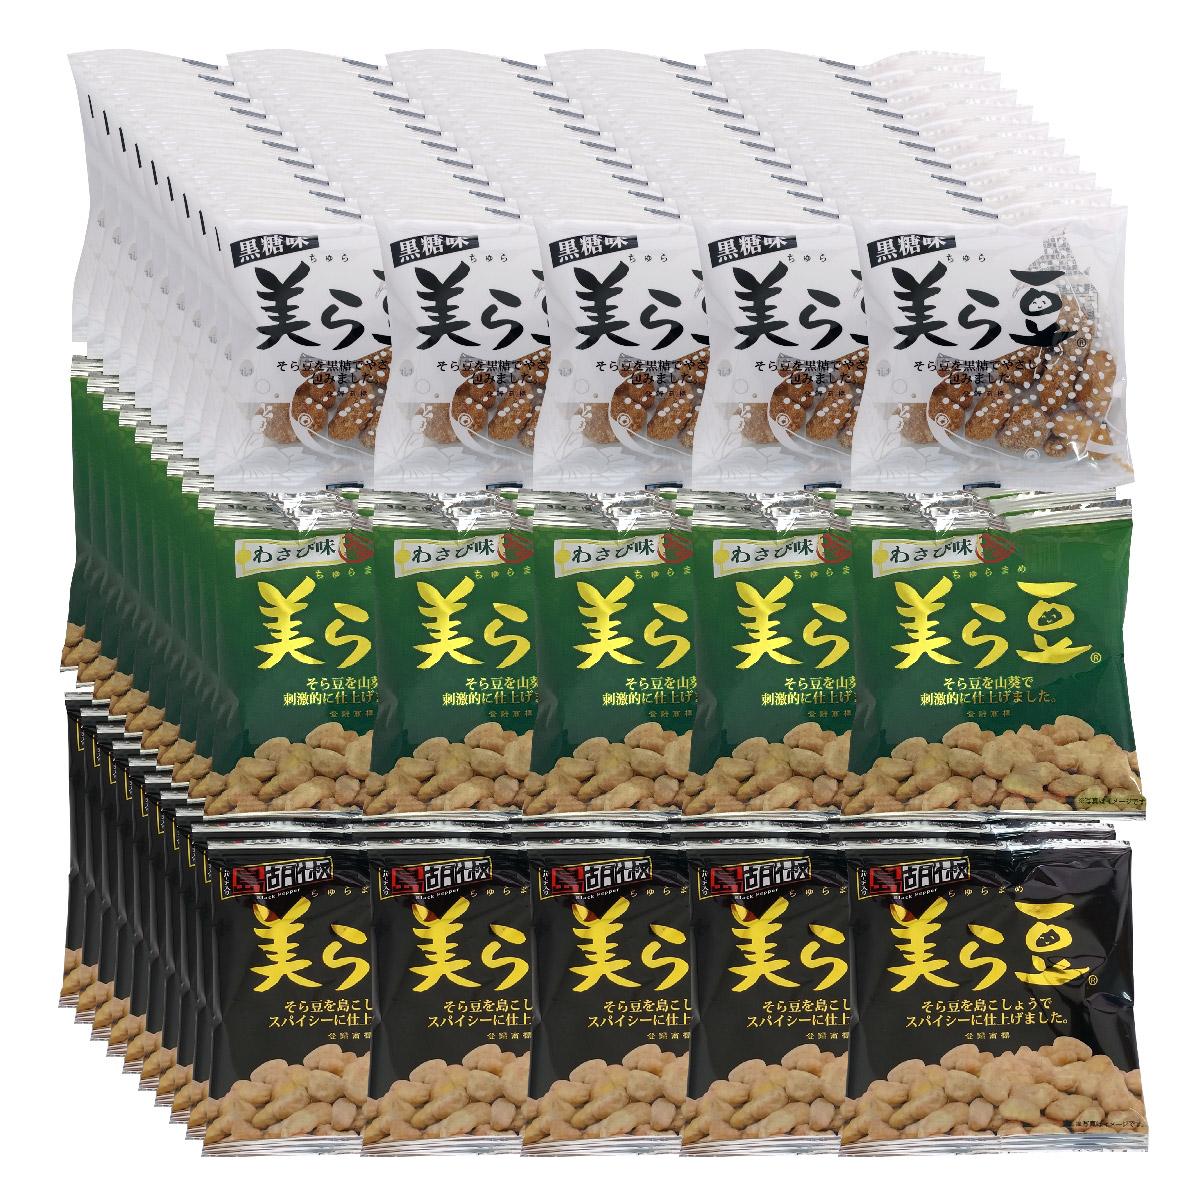 美ら豆ミックス 3種類 150袋(黒糖味50袋、島胡椒味50袋、わさび味50袋)